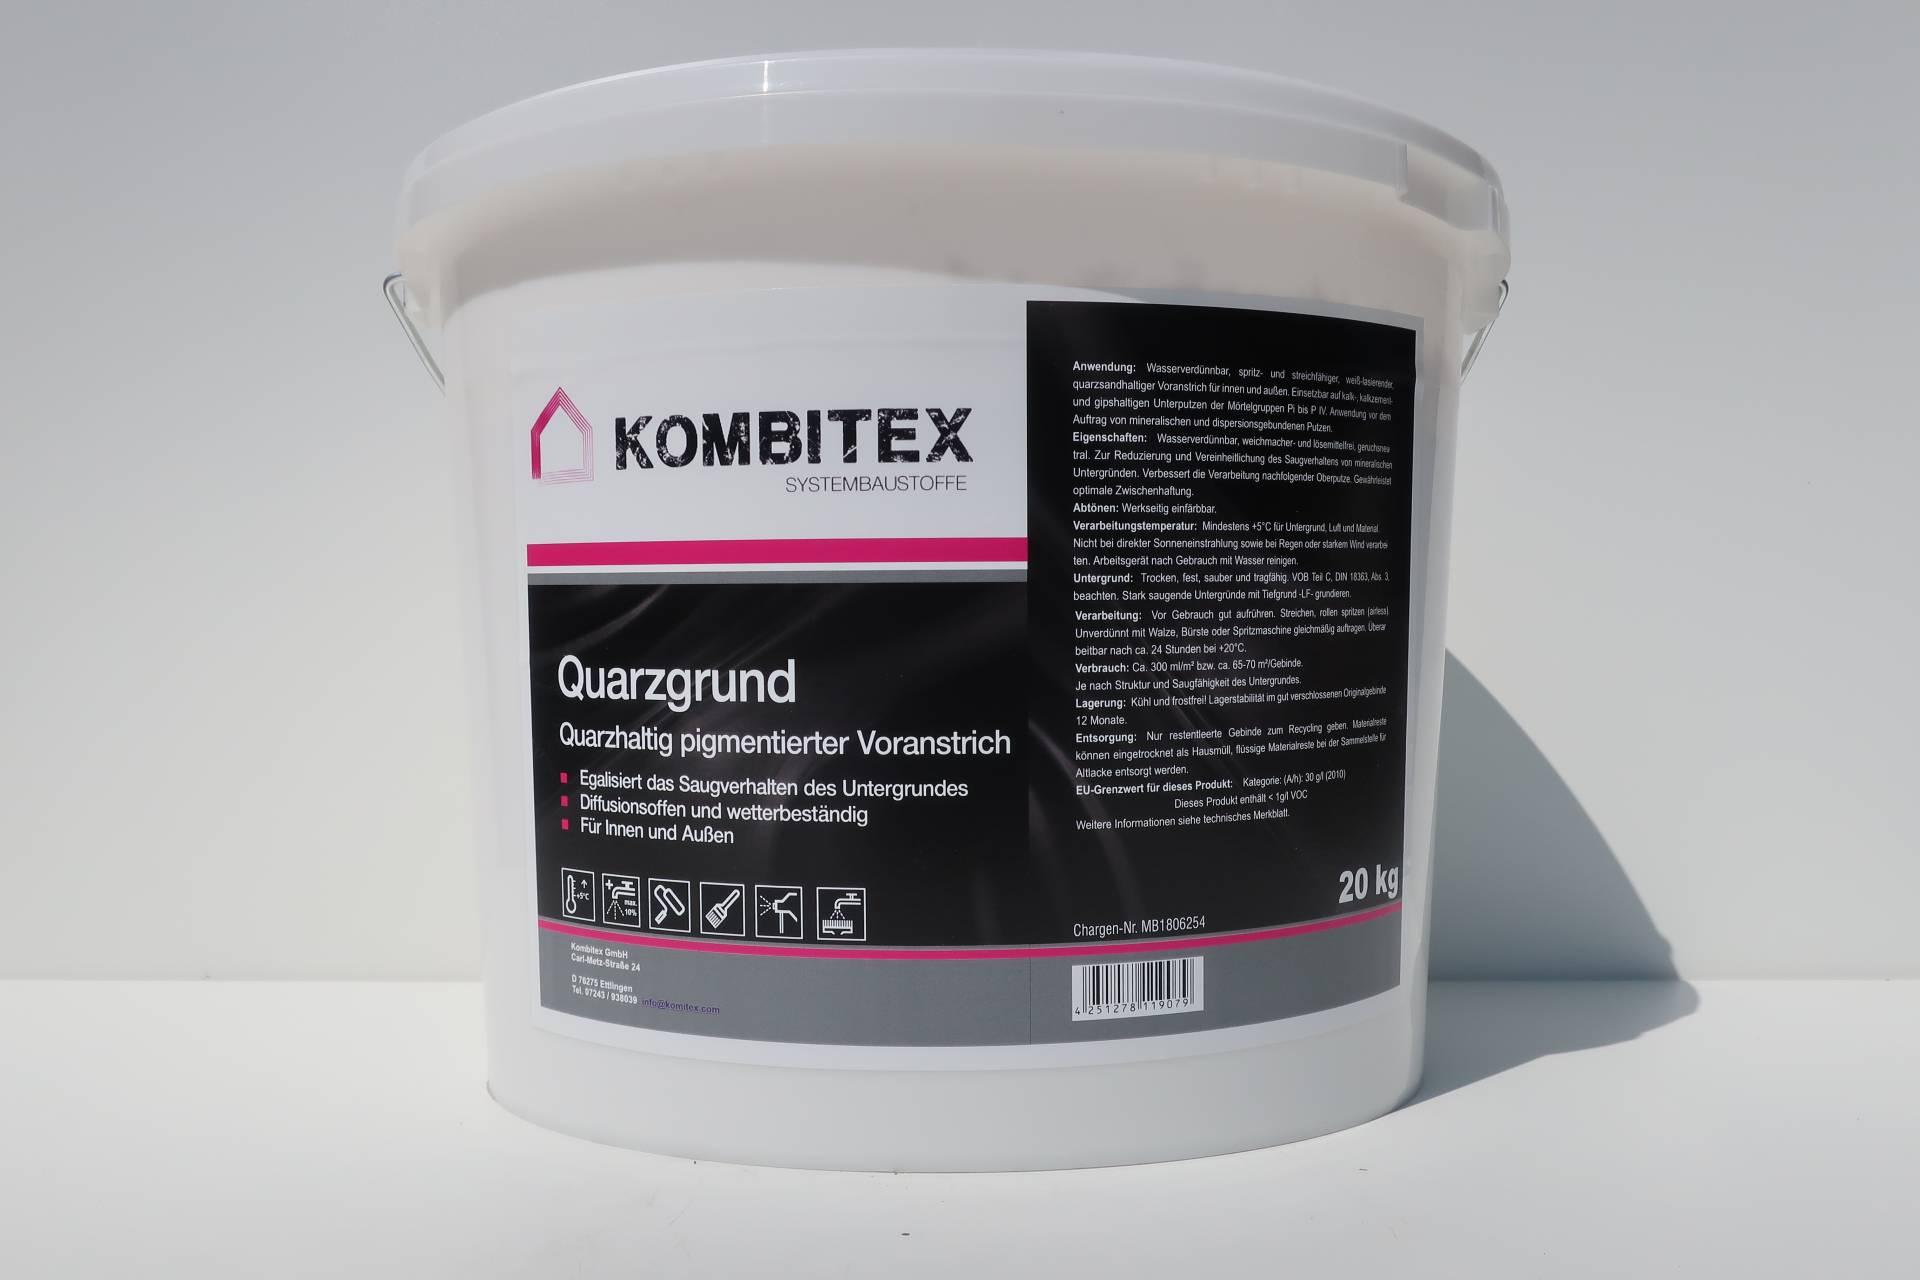 grundierungen - kombitex systembaustoffe